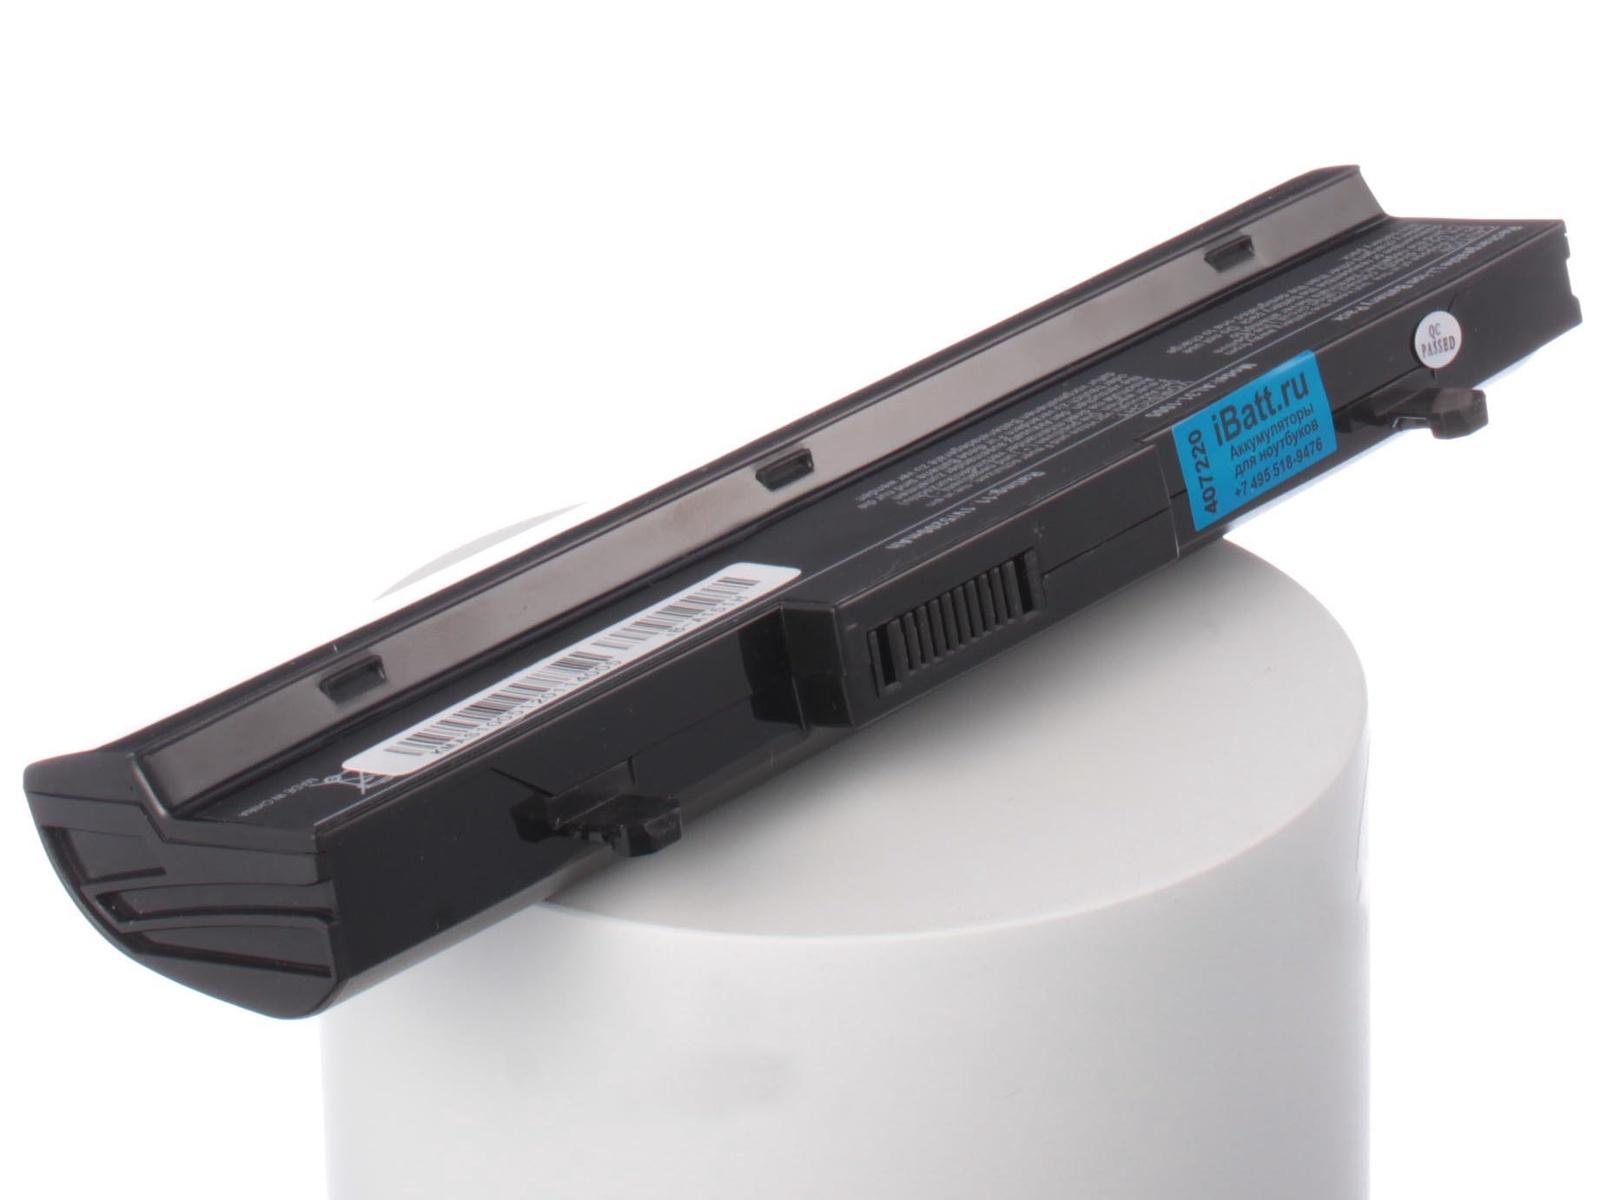 Аккумулятор для ноутбука iBatt для Asus Eee PC 1001PX, Eee PC 1001PXD, Eee PC 1001, Eee PC 1005PXD, Eee PC 1005P, Eee PC 1005, Eee PC 1005HA, Eee PC 1005HA-A, Eee PC 1101HA, Eee PC 1001P, Eee PC 1001HA, Eee PC 1005PX